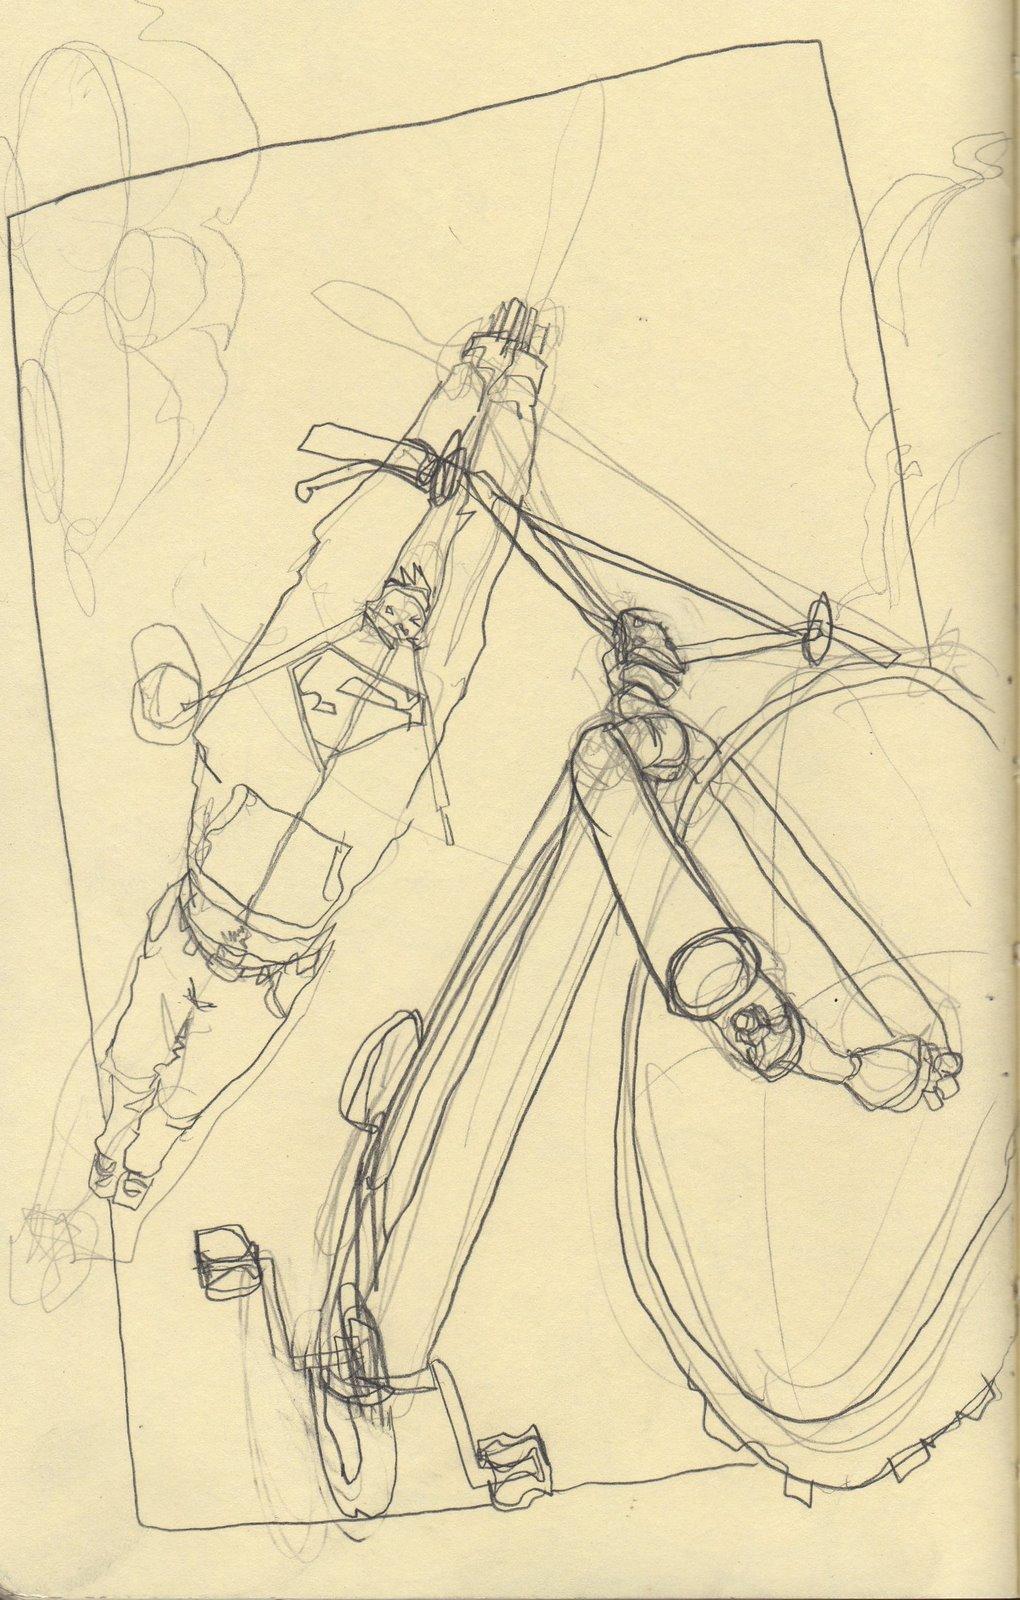 [sketchbiker]